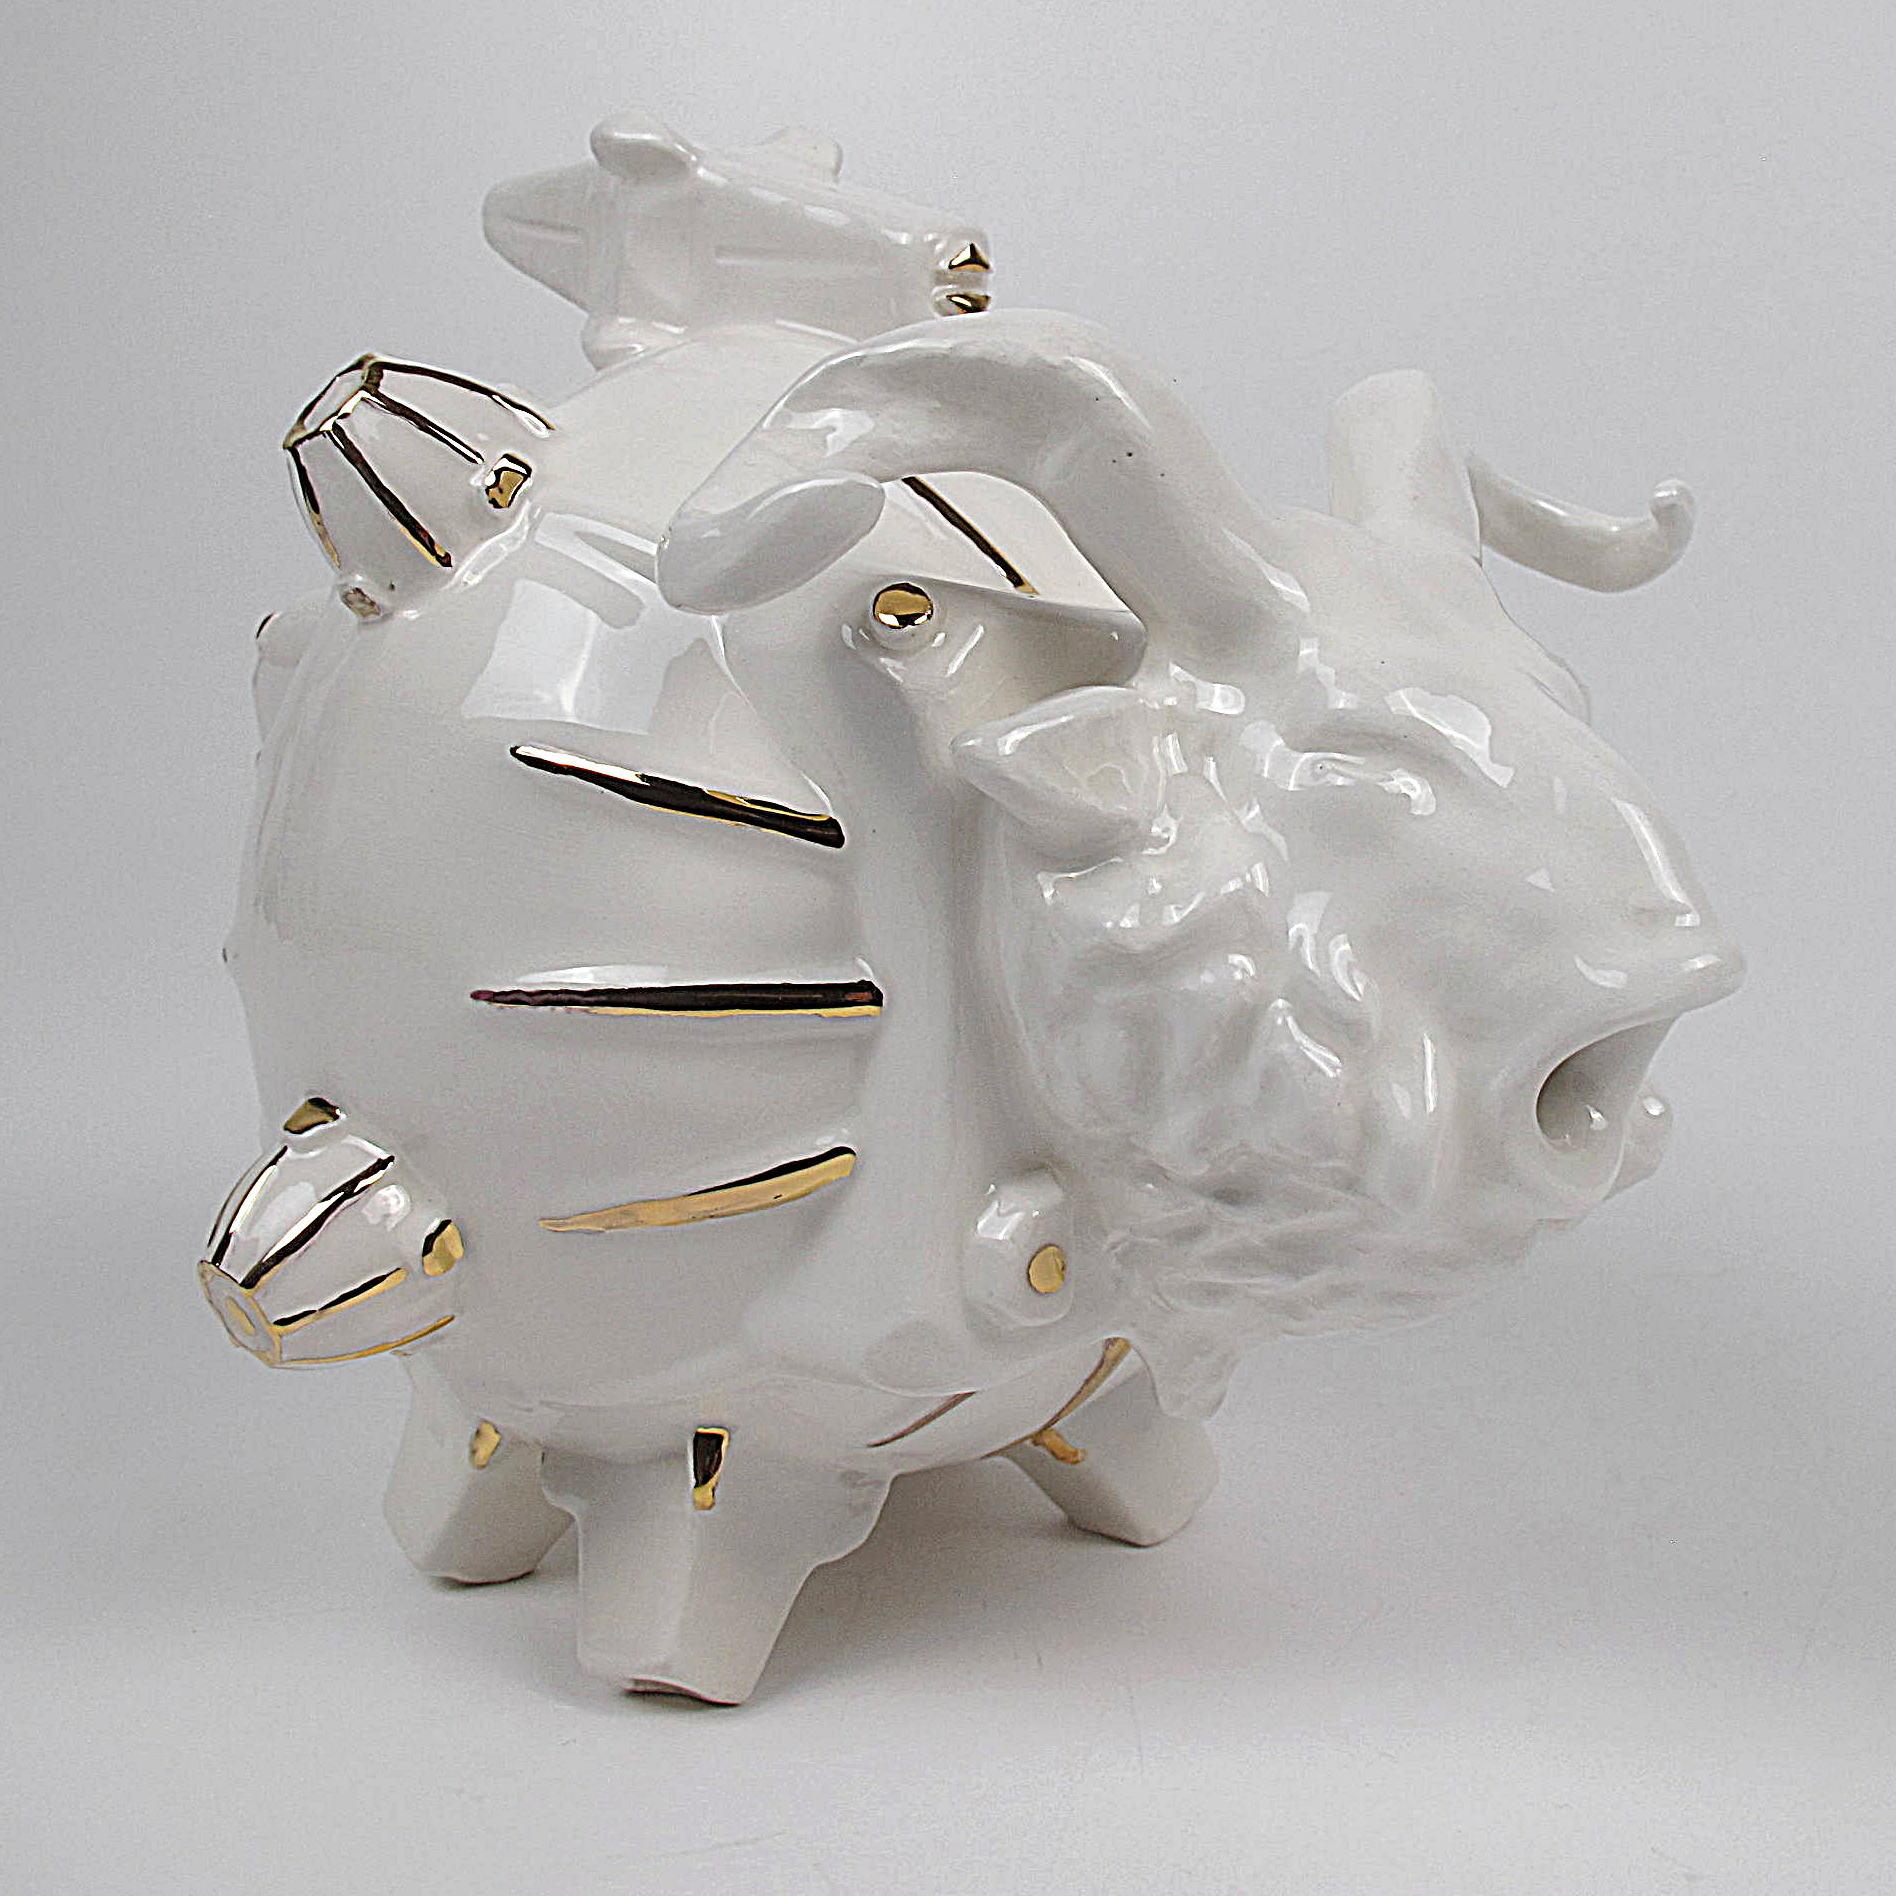 Gabriele Mallegni, Space Oddity, brocca, ceramica bianca smaltata e oro a terzo fuoco, 2020, suared